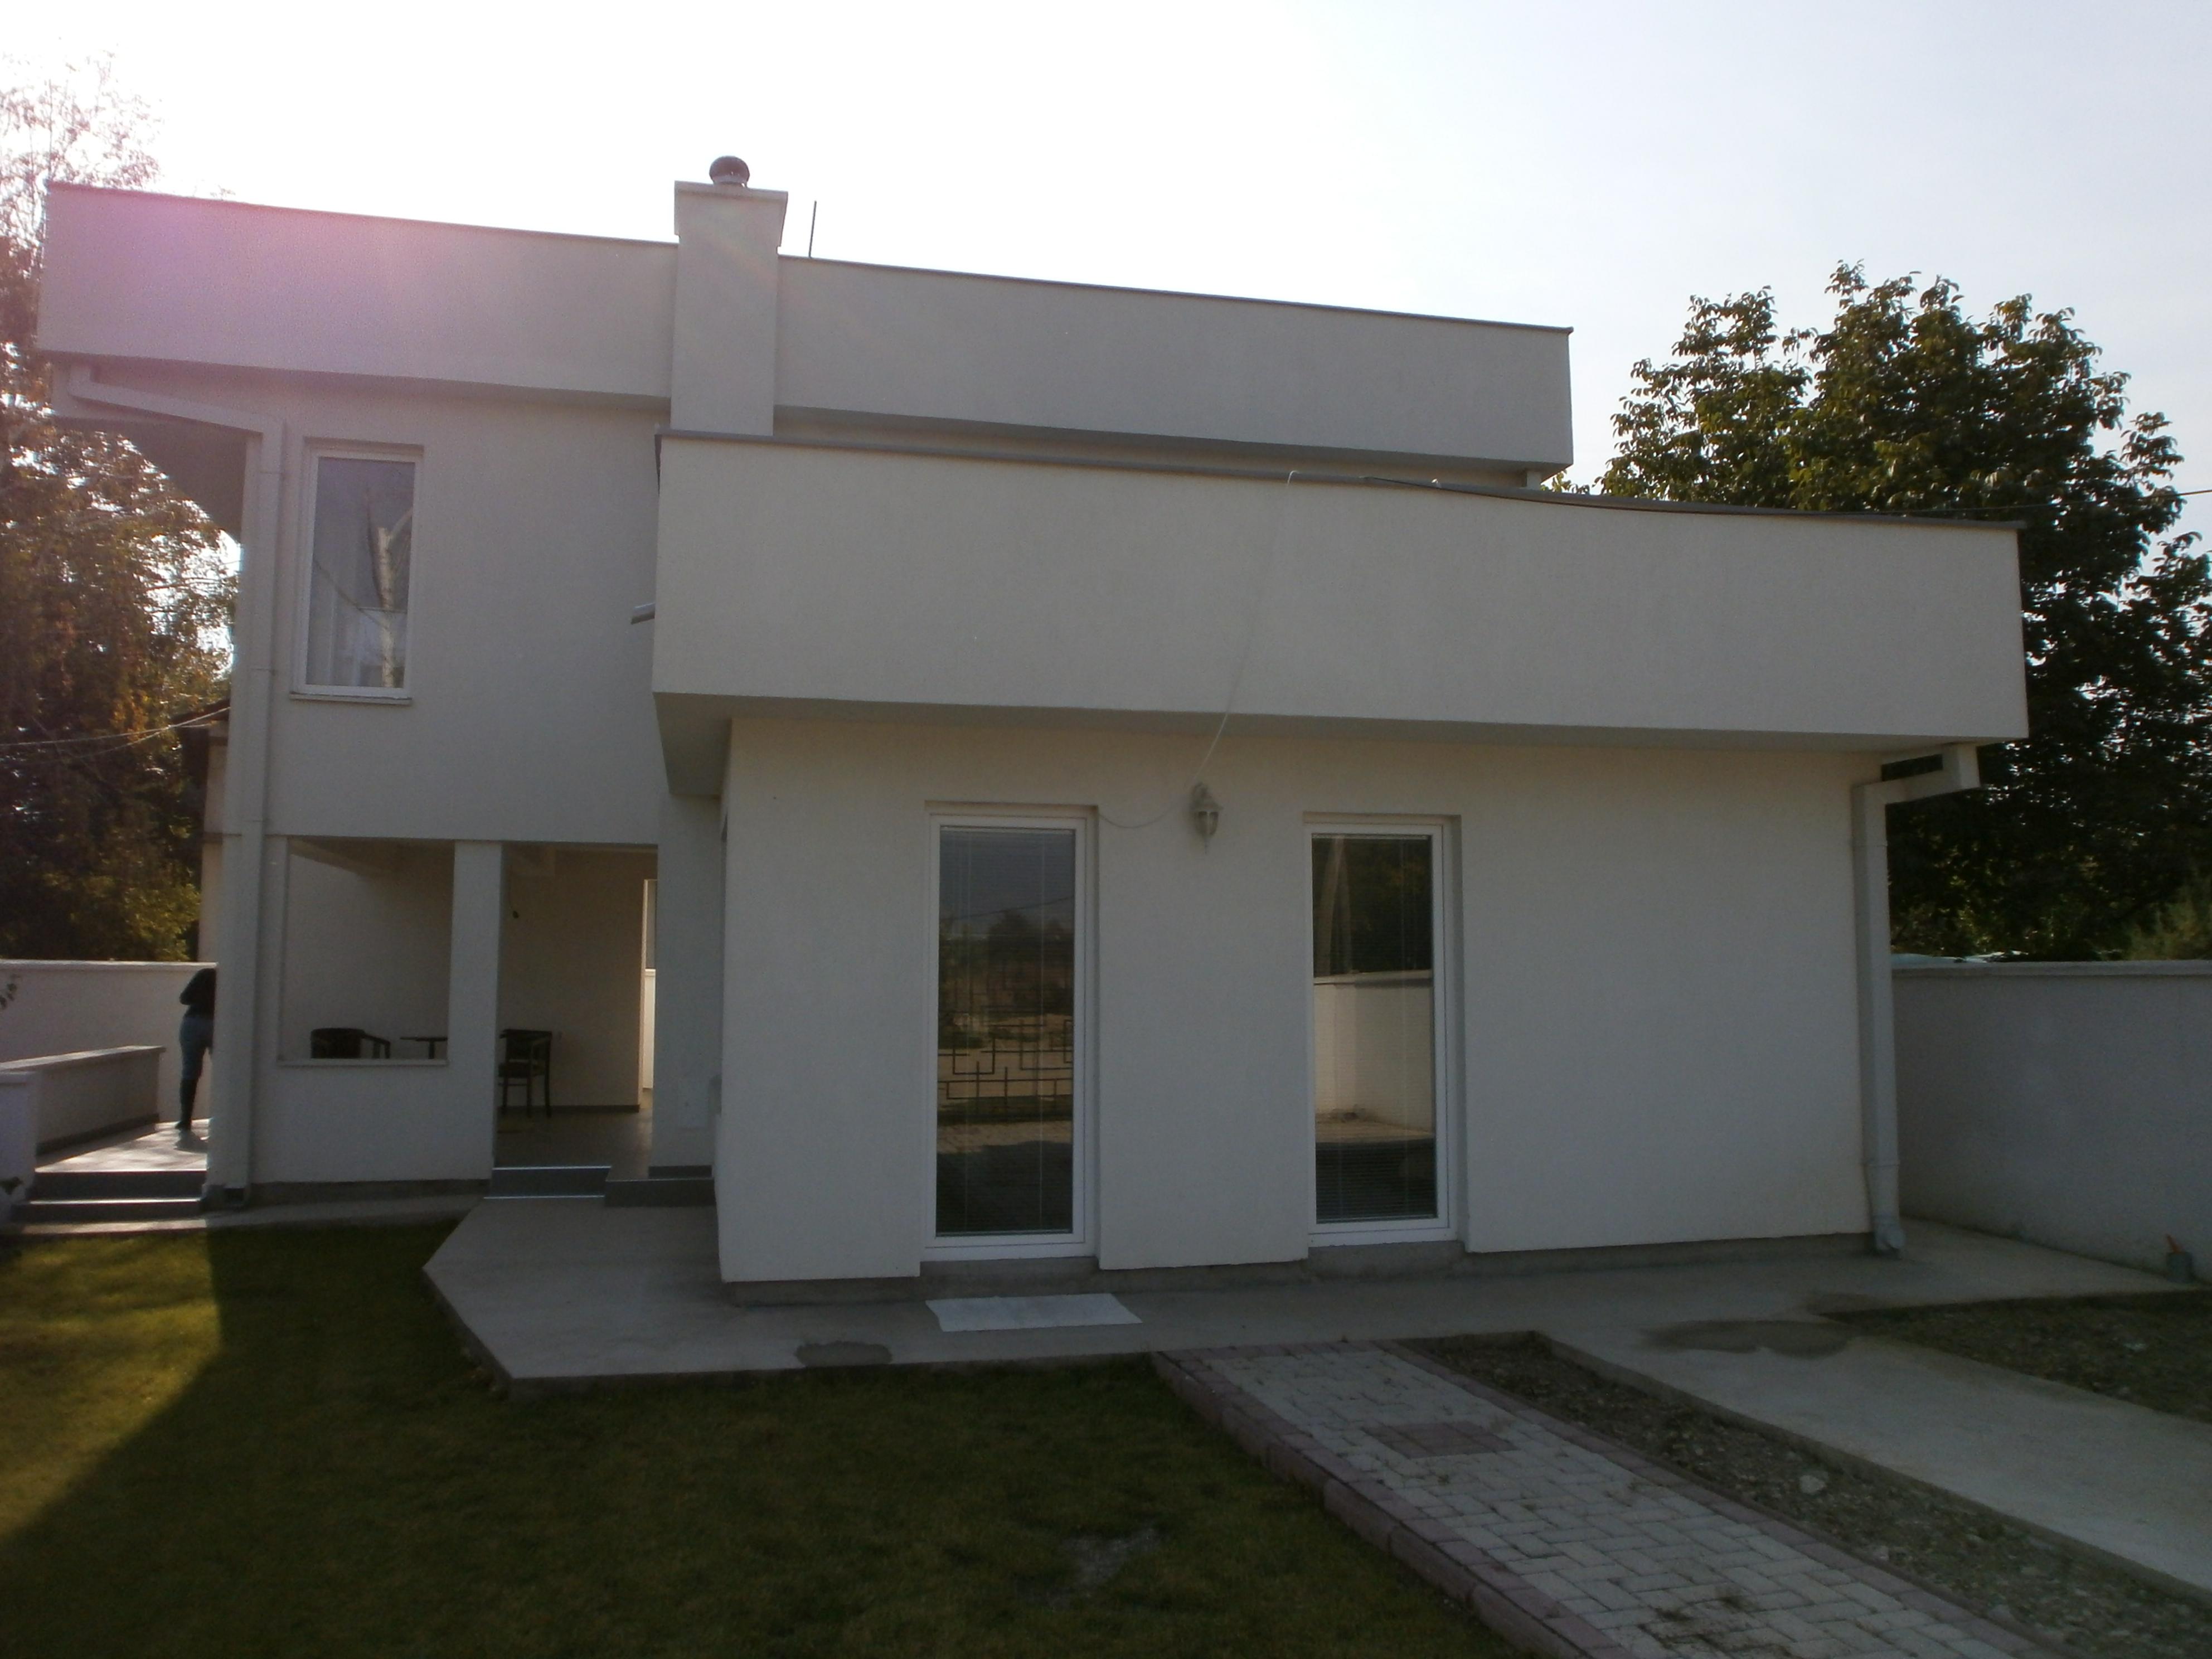 Vente maison ind pendante bardovci skopje macedoine for Maison independante energie